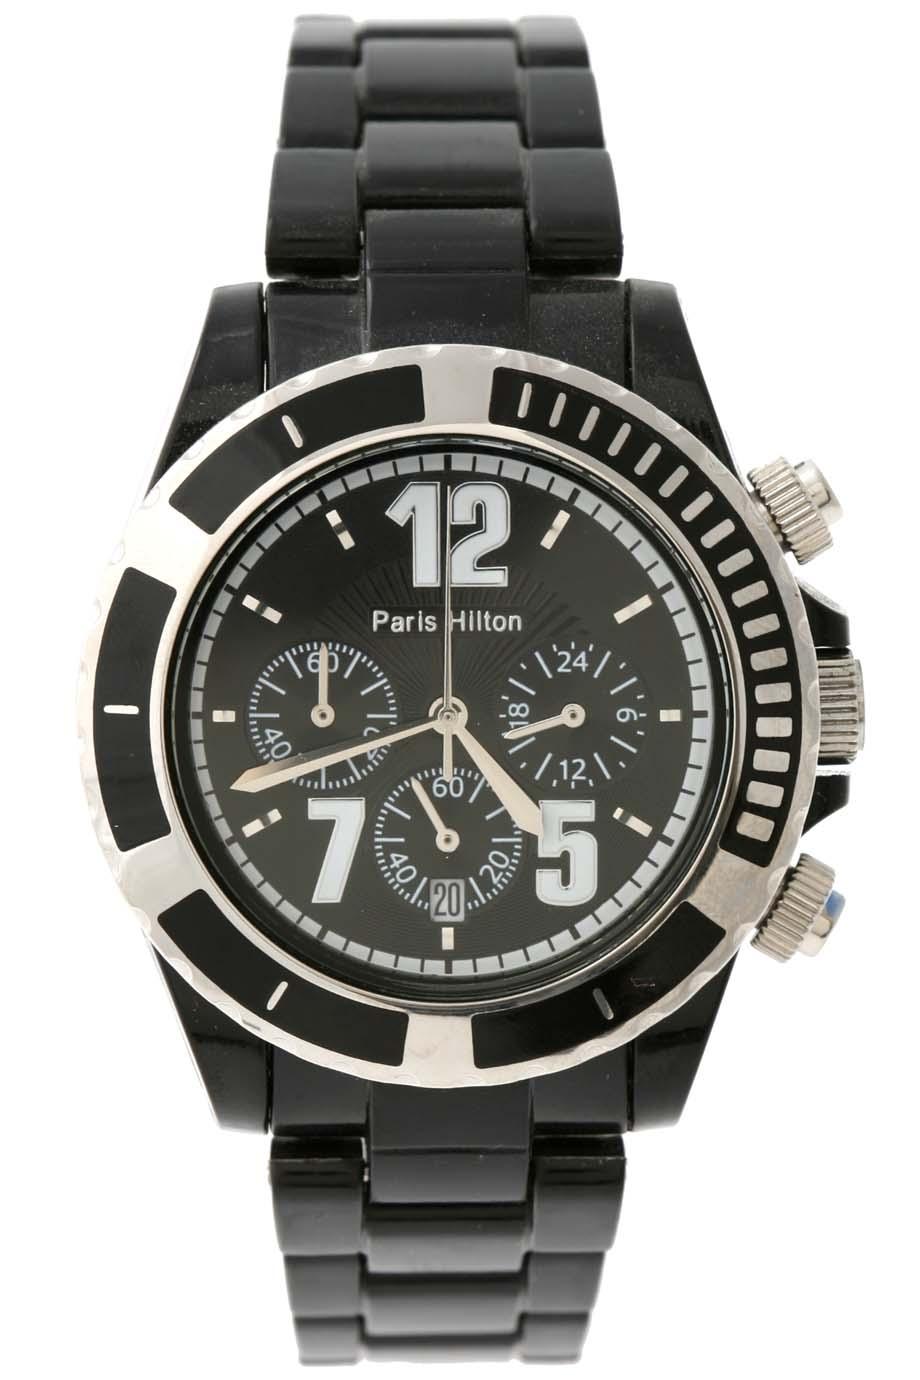 Ρολόγια Paris Hilton σε προσφορά  abf0c858451